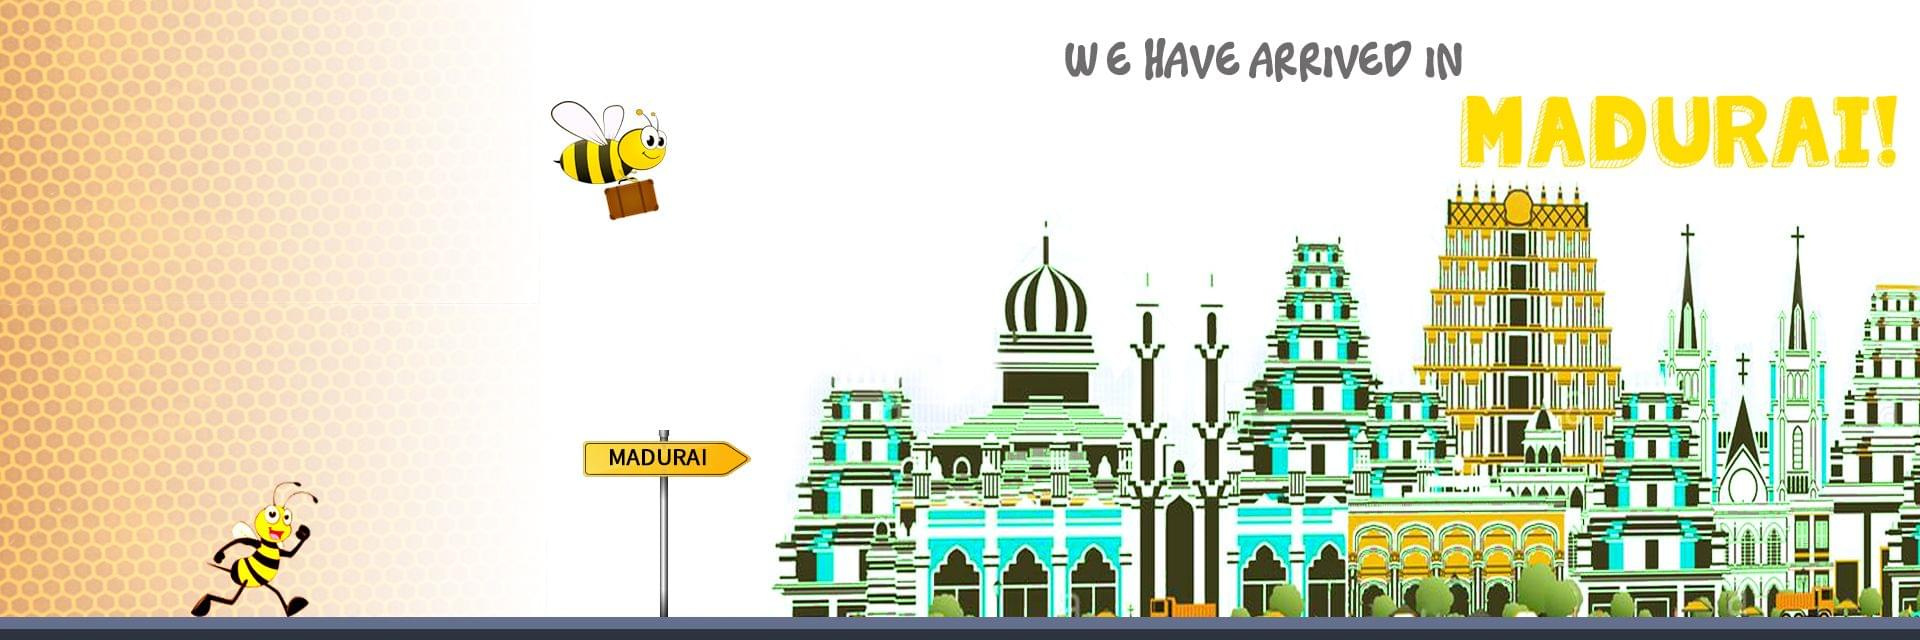 Madurai Banner